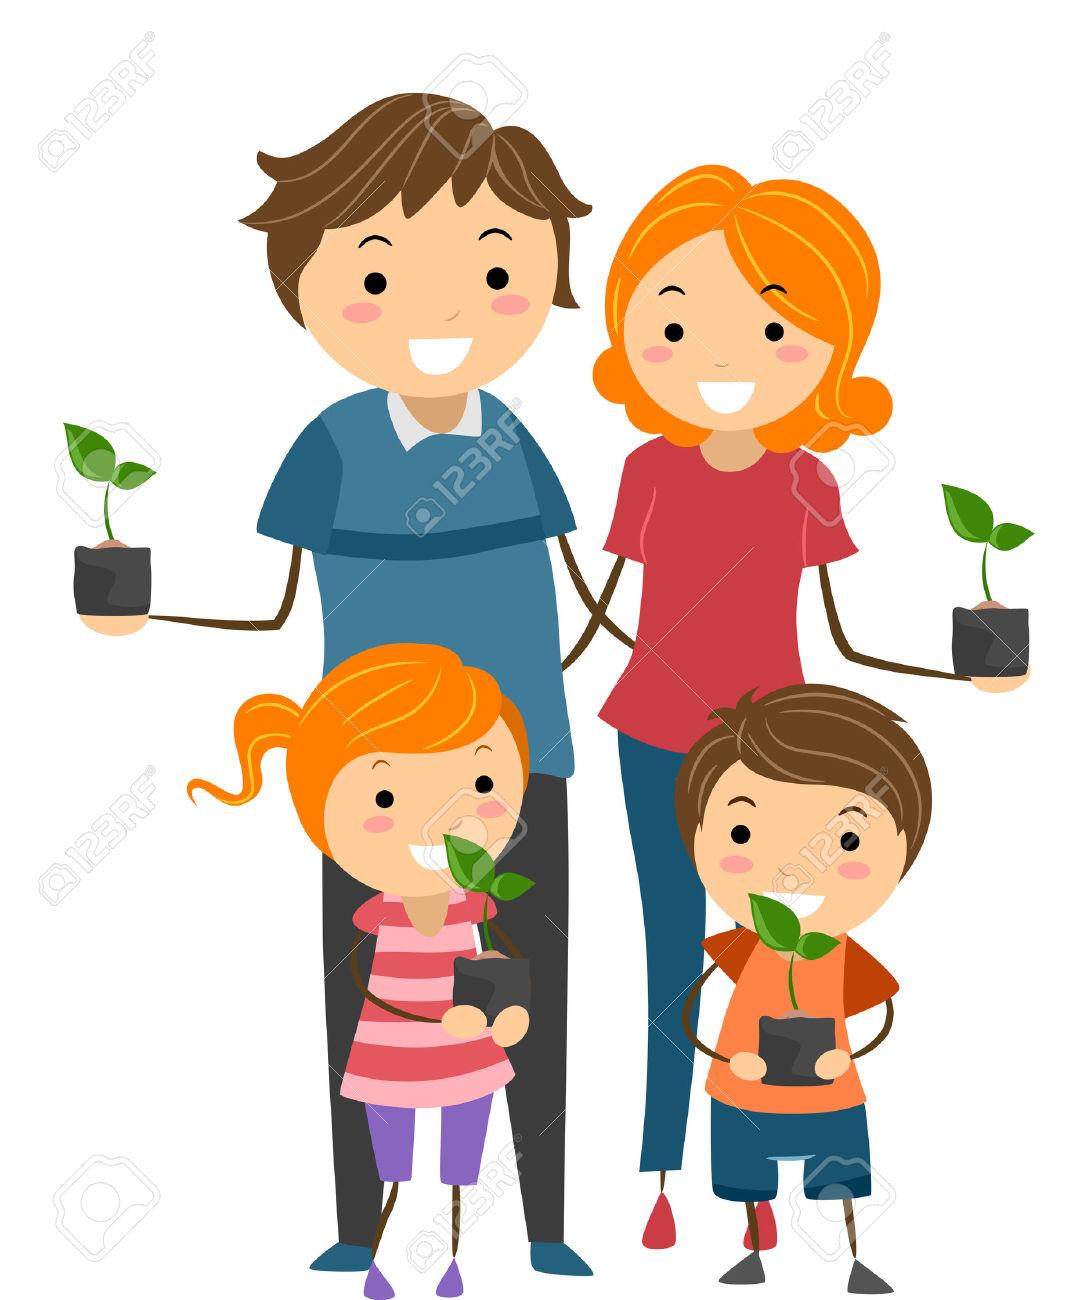 Eltern mit kind clipart image transparent Illustration Der Eltern Und Deren Kinder, Die Jungpflanzen In ... image transparent